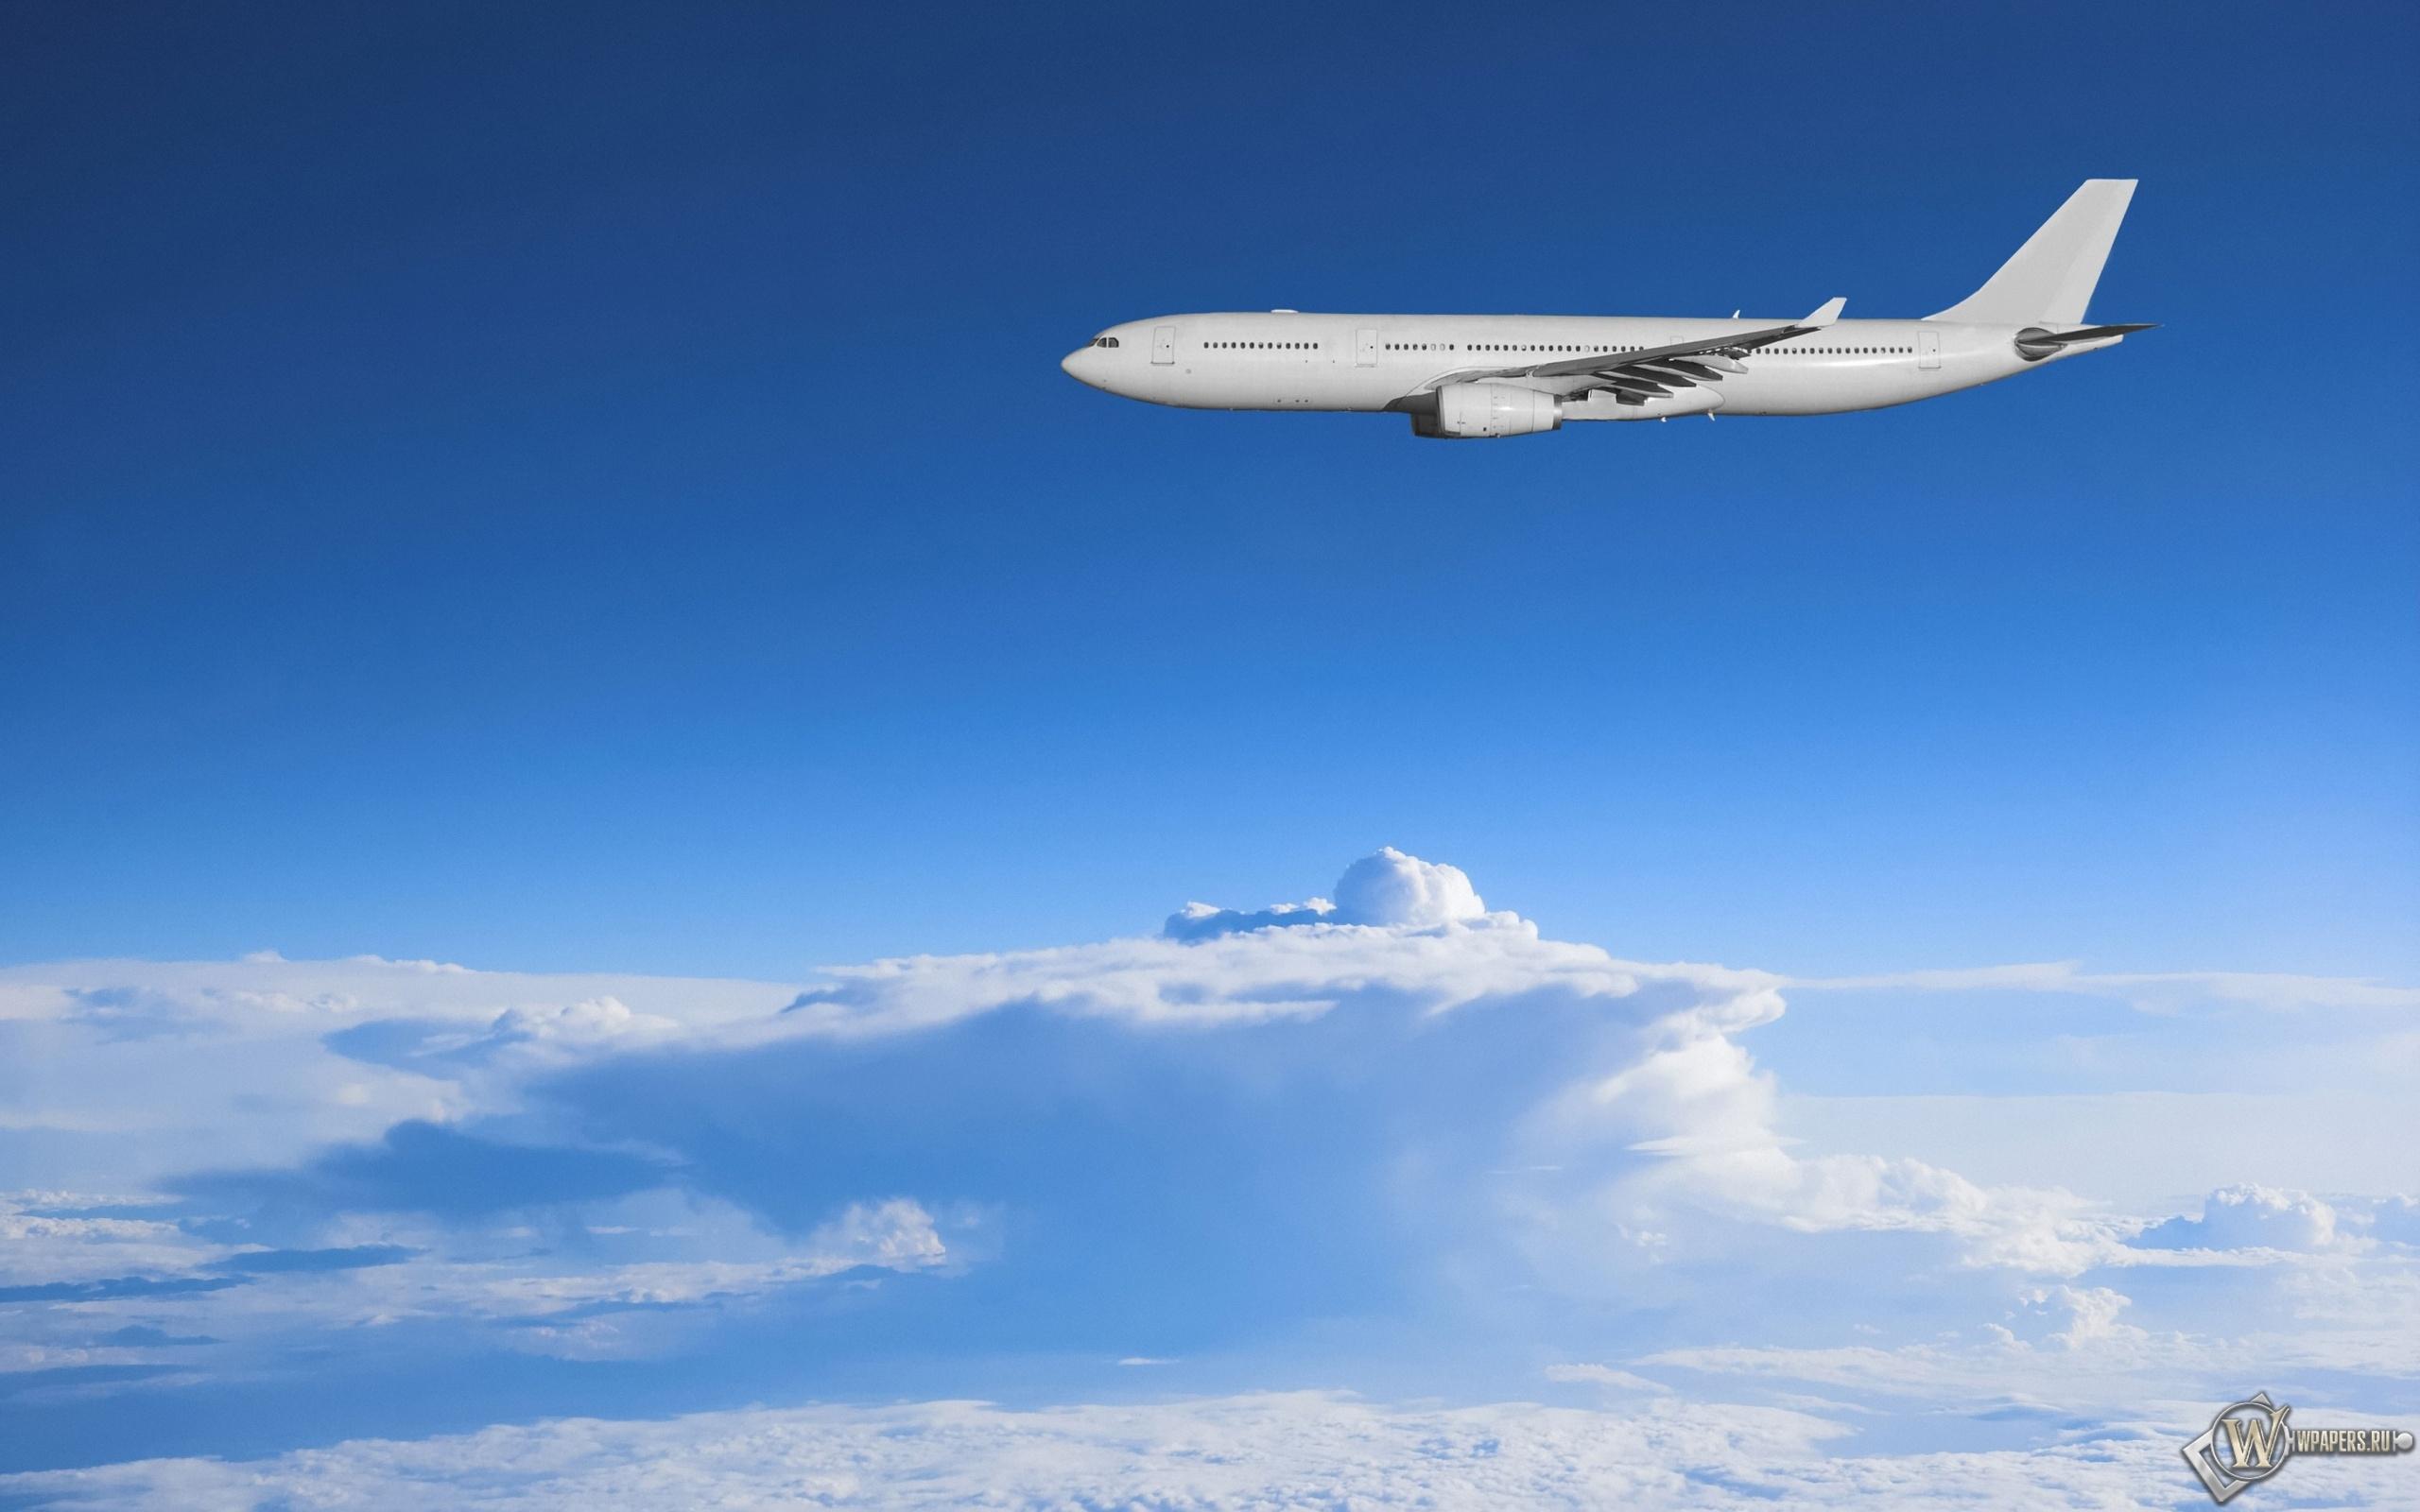 картинка с обложки самолетом свою очередь пропиталось